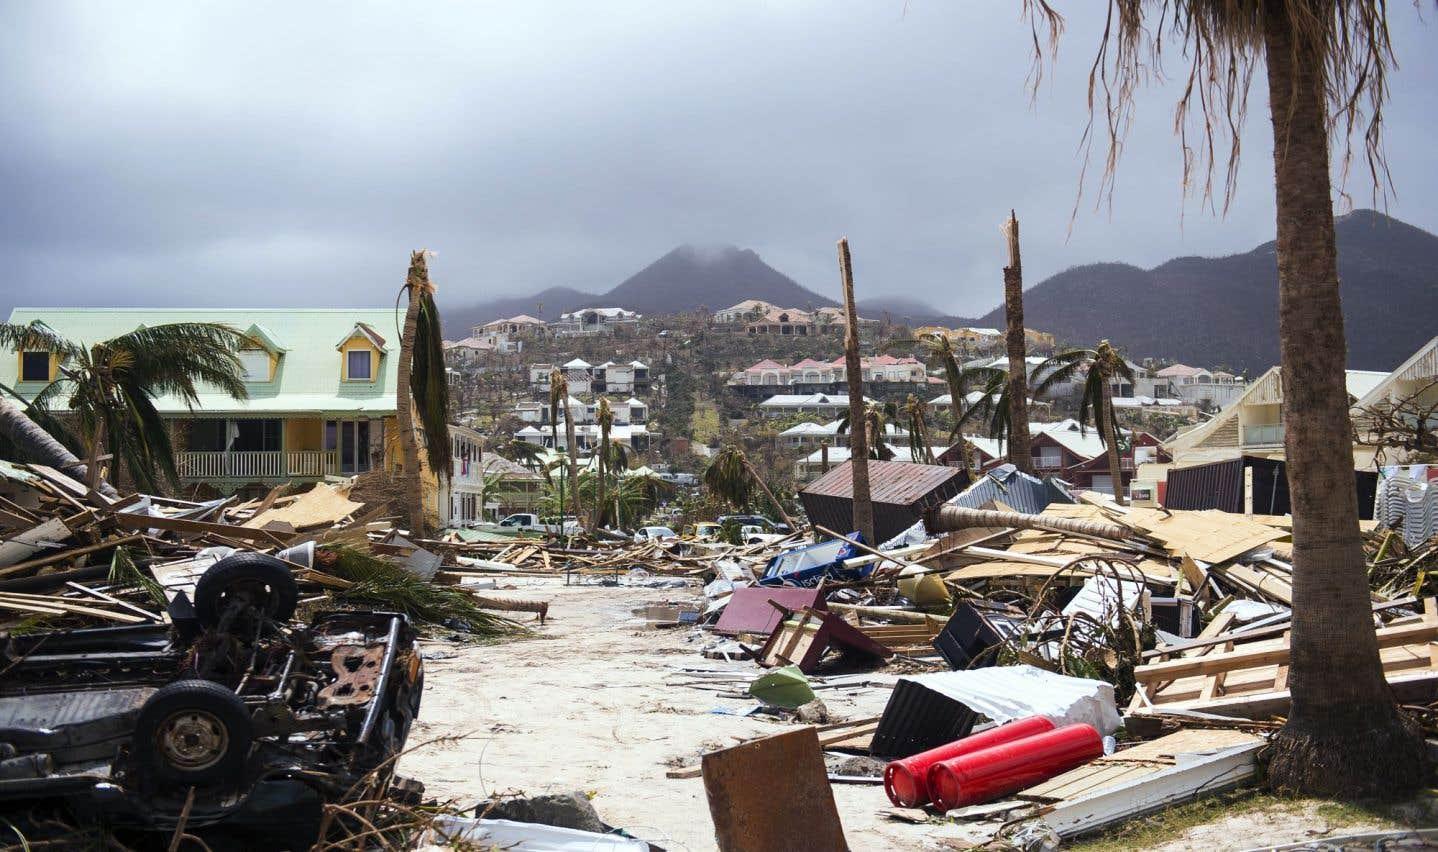 Une photo prise le 7 septembre 2017 montre des dommages à Orient Bay sur l'île de Saint-Martin, après le passage de l'ouragan «Irma».